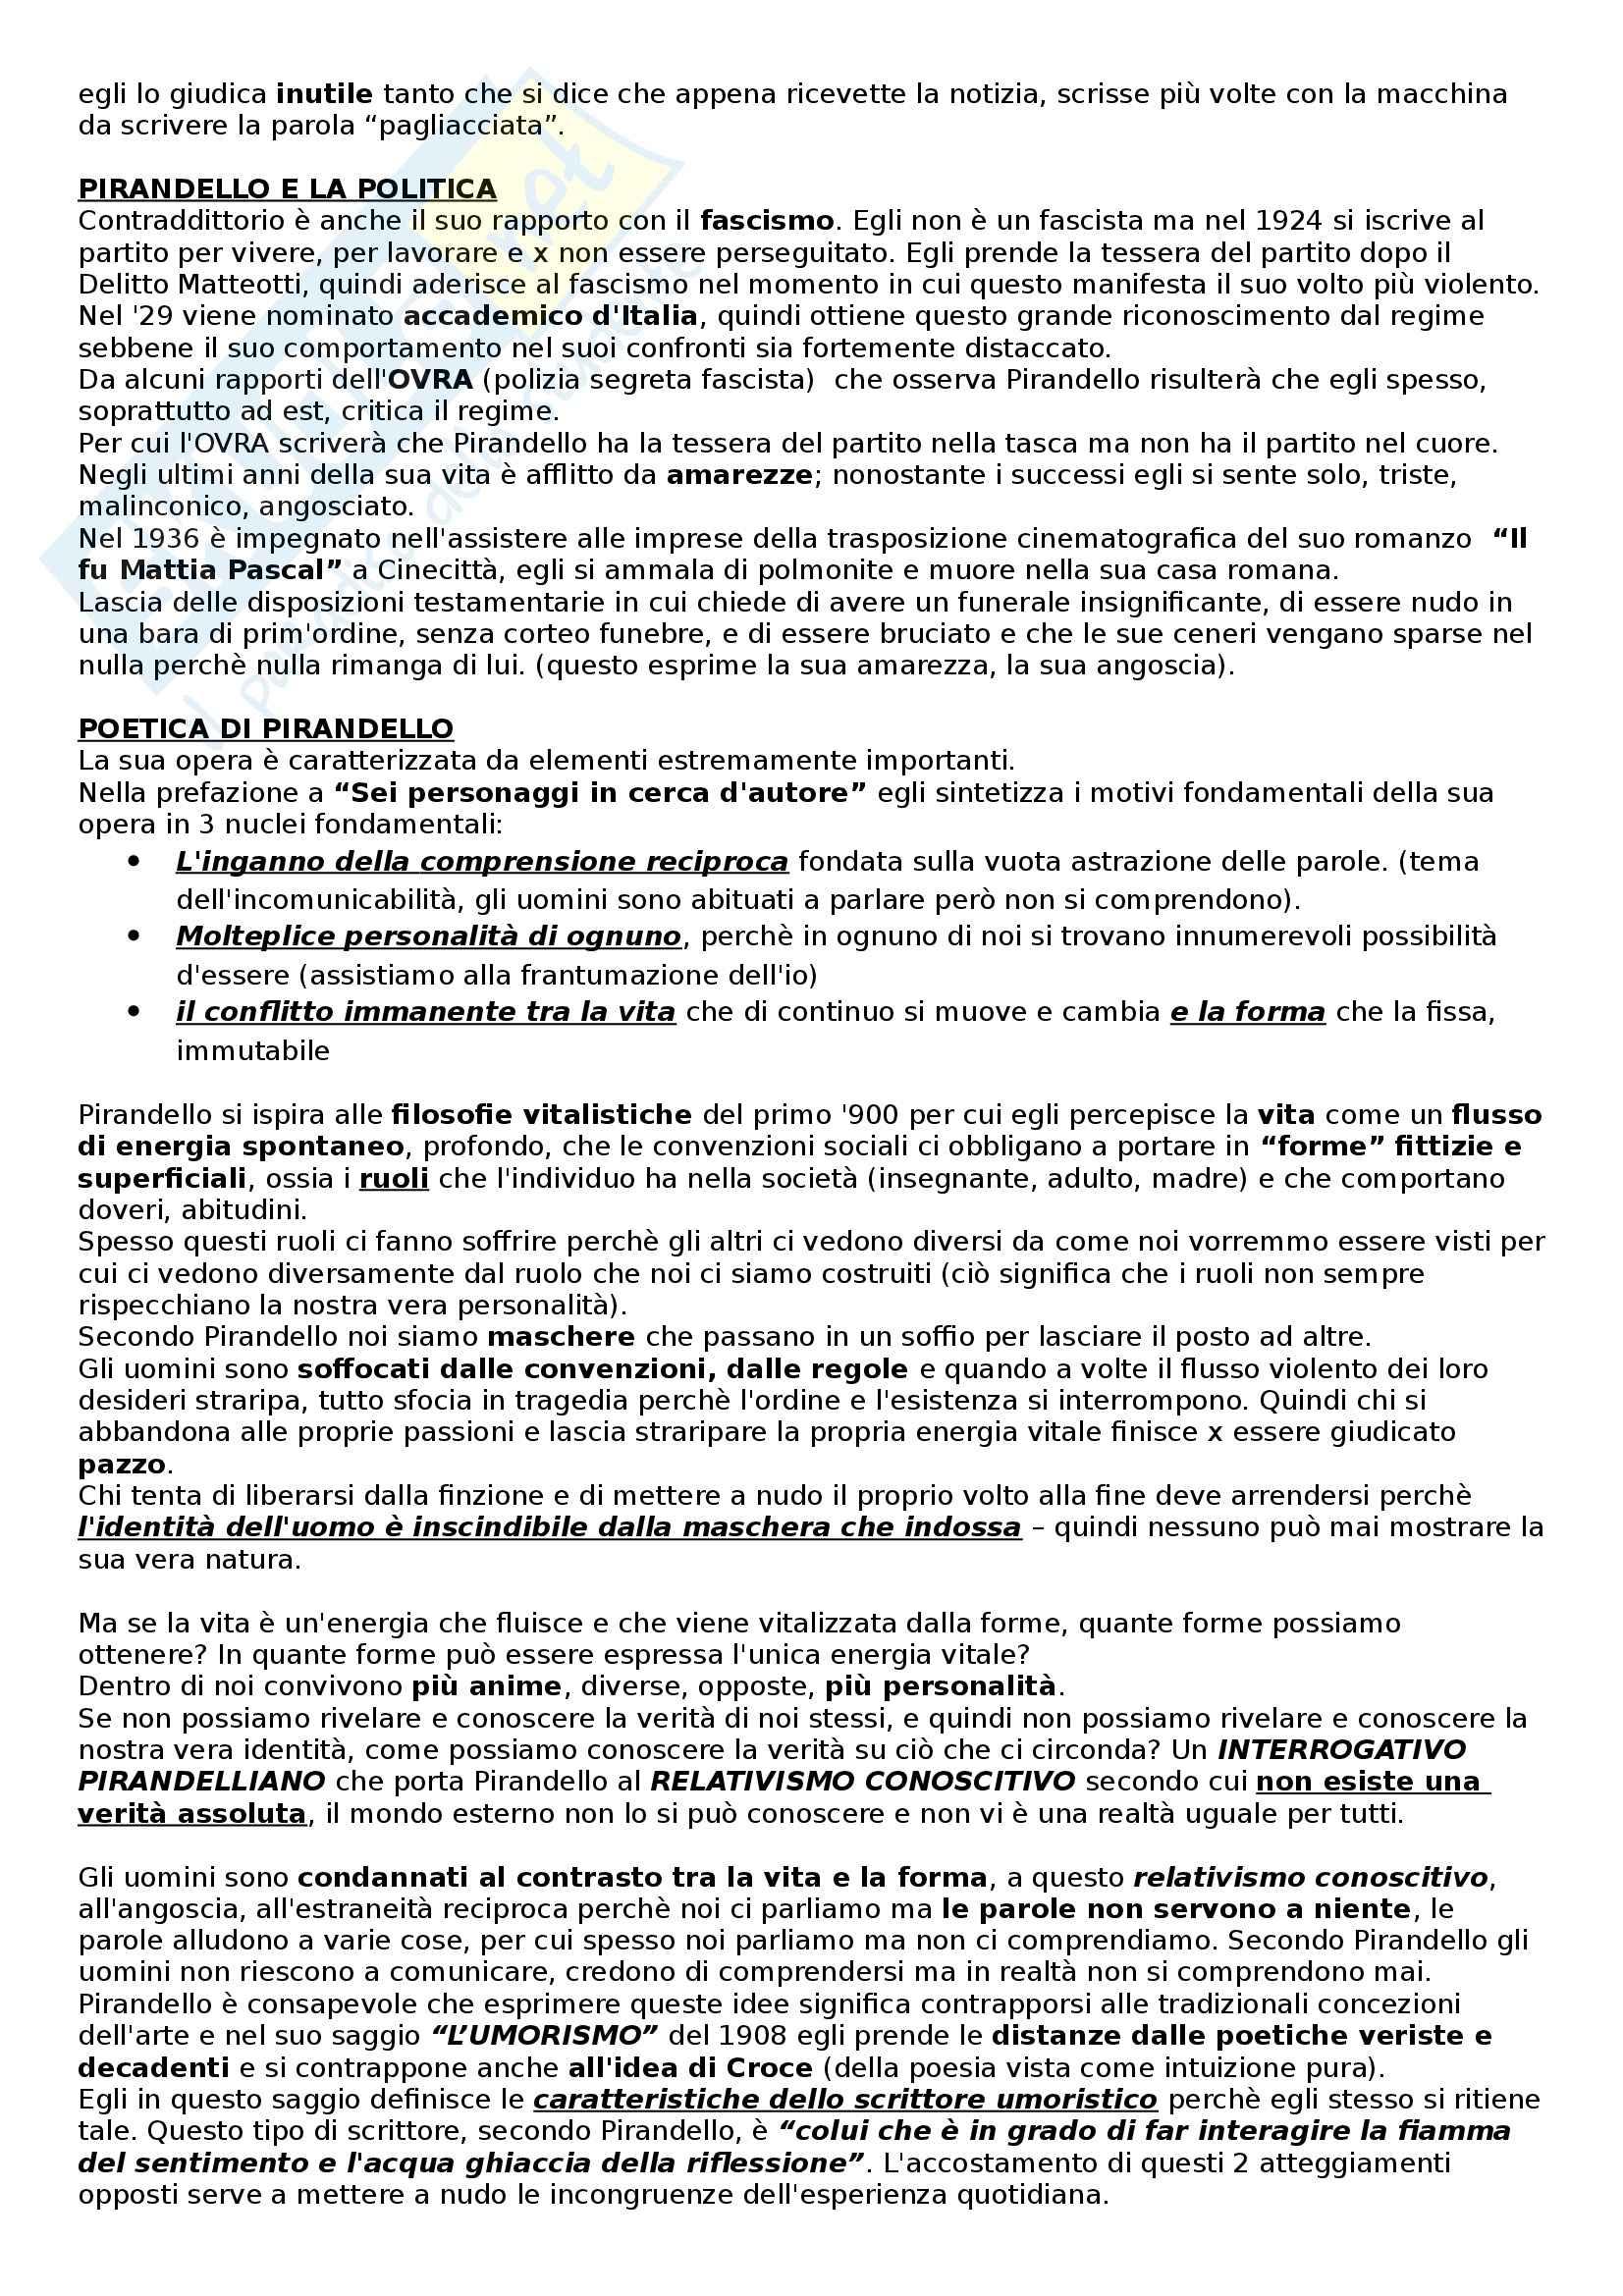 Pirandello, Vita pensiero e opere - Appunti Pag. 2